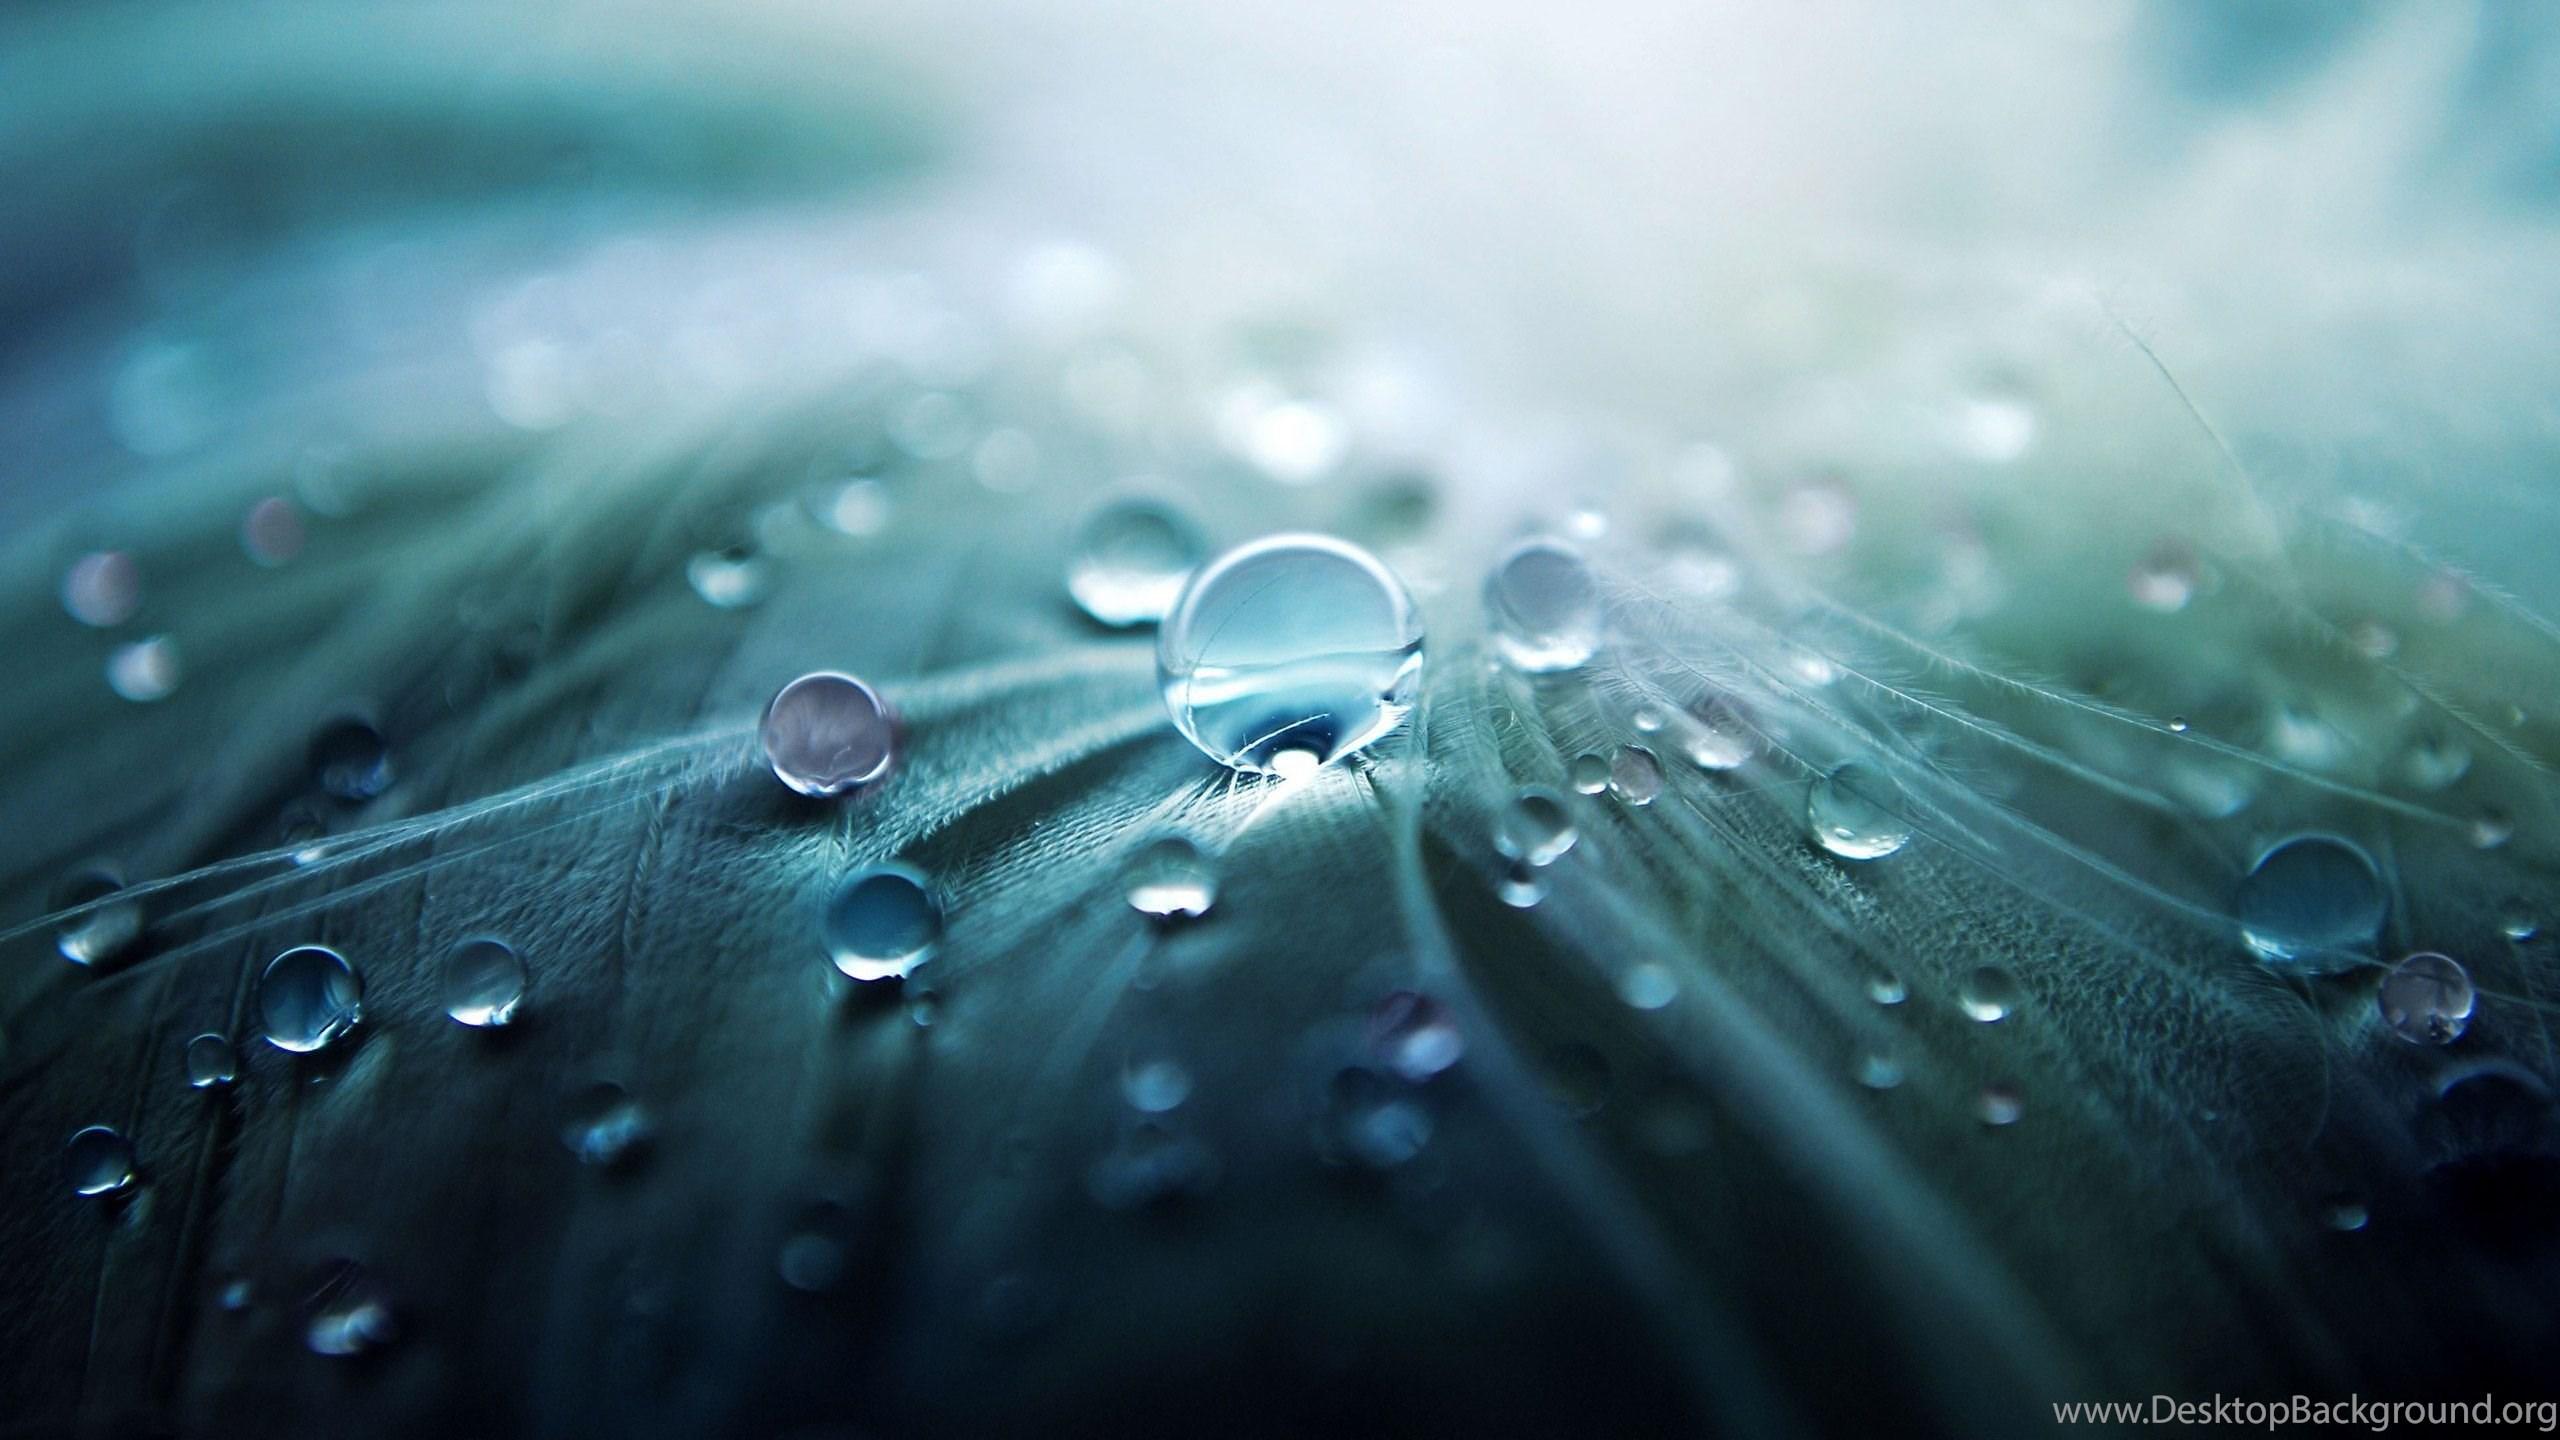 Water Drop Hd Wallpapers Desktop Background